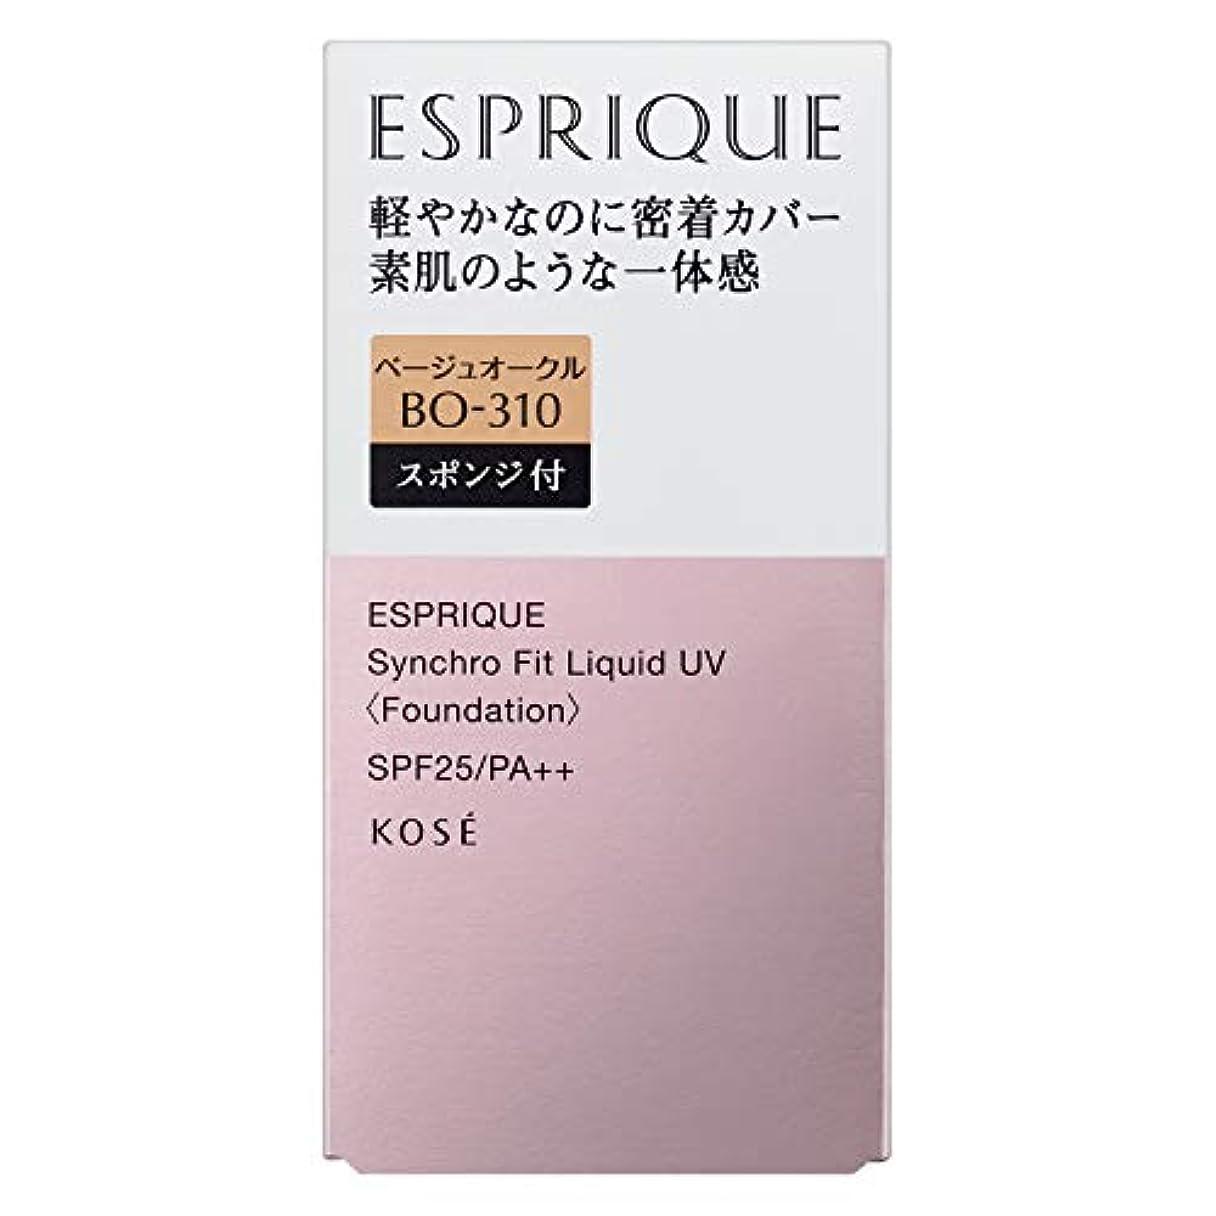 メニュー故障中望遠鏡ESPRIQUE(エスプリーク) エスプリーク シンクロフィット リキッド UV ファンデーション 無香料 BO-310 ベージュオークル 30g